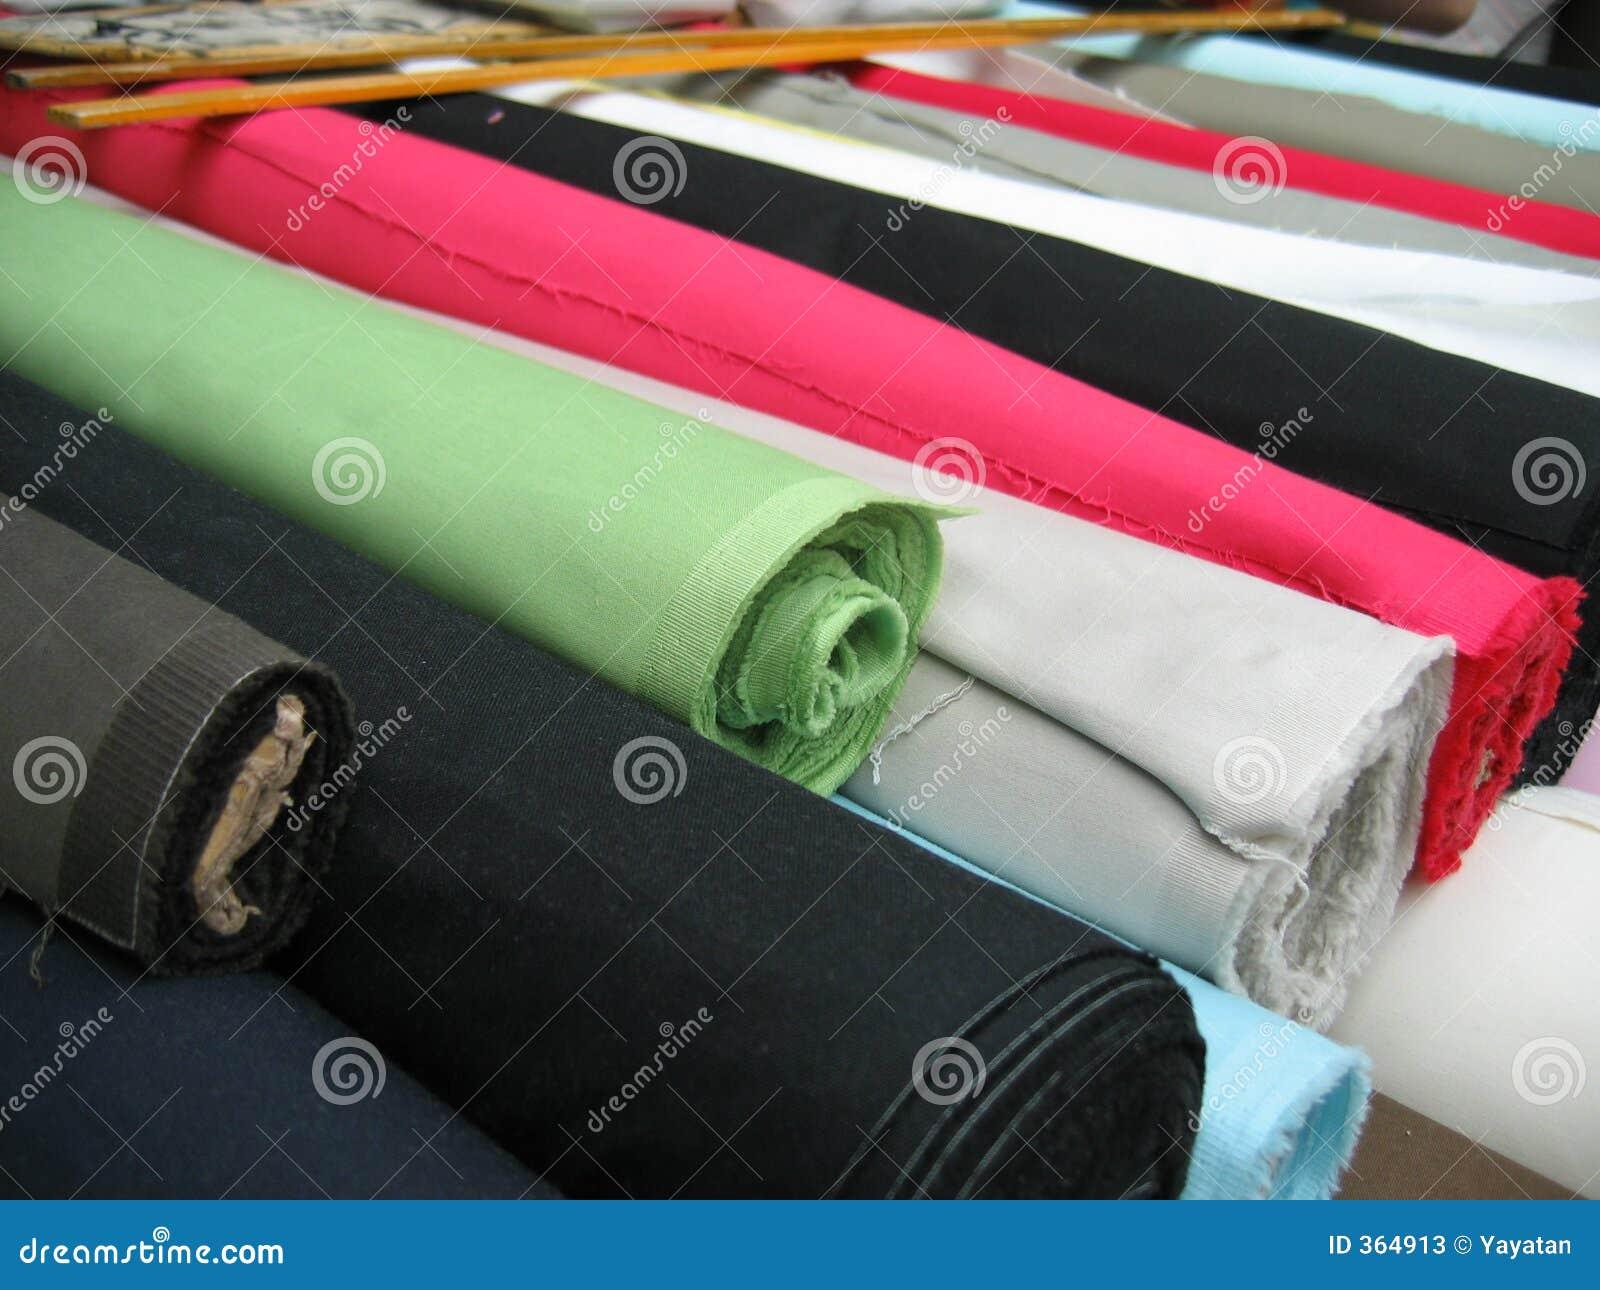 Resmas de materias textiles